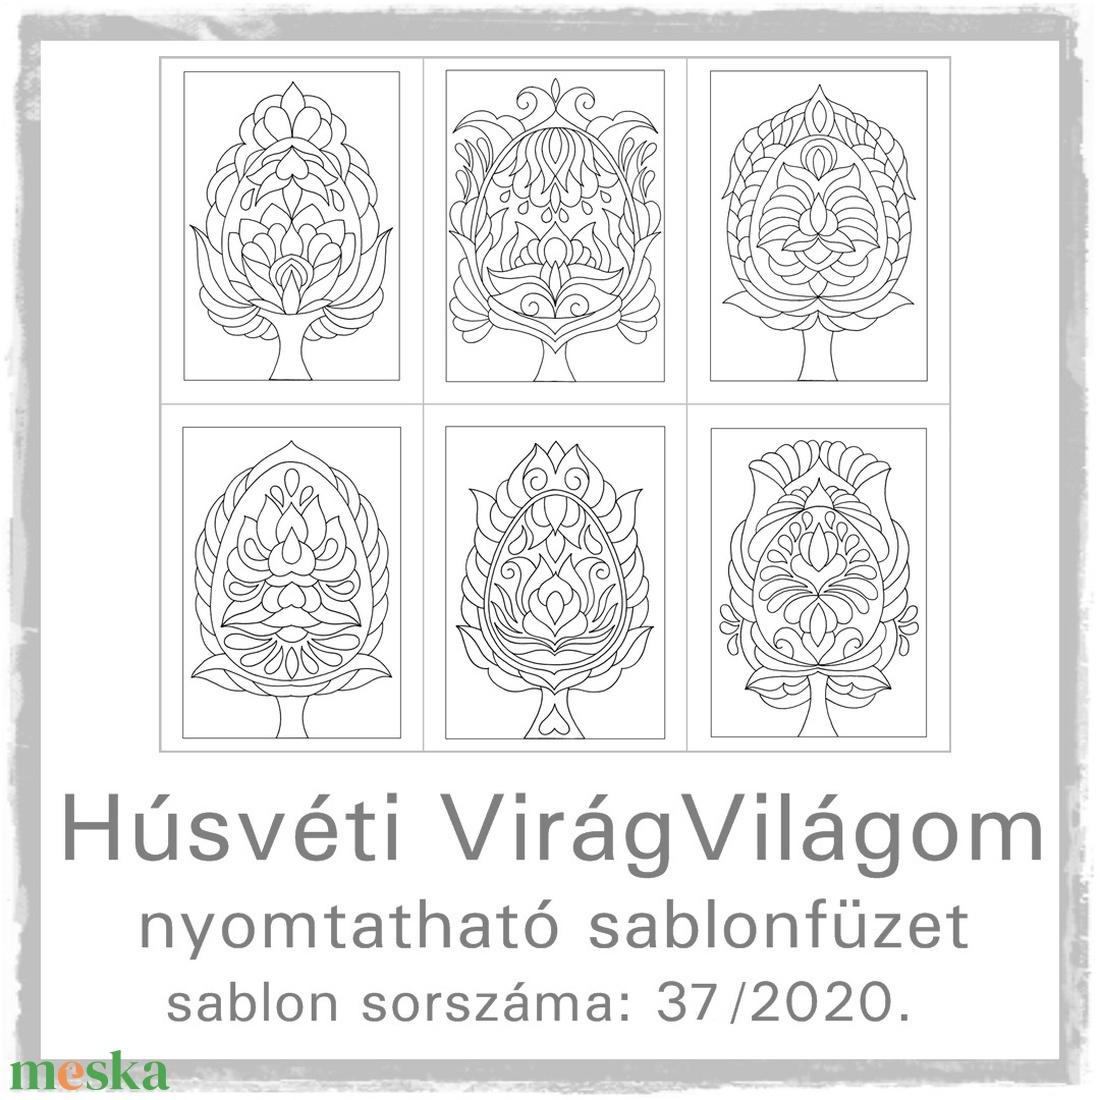 Húsvéti virág-világom37.- nyomtatható tulipános sablon füzet - Meska.hu